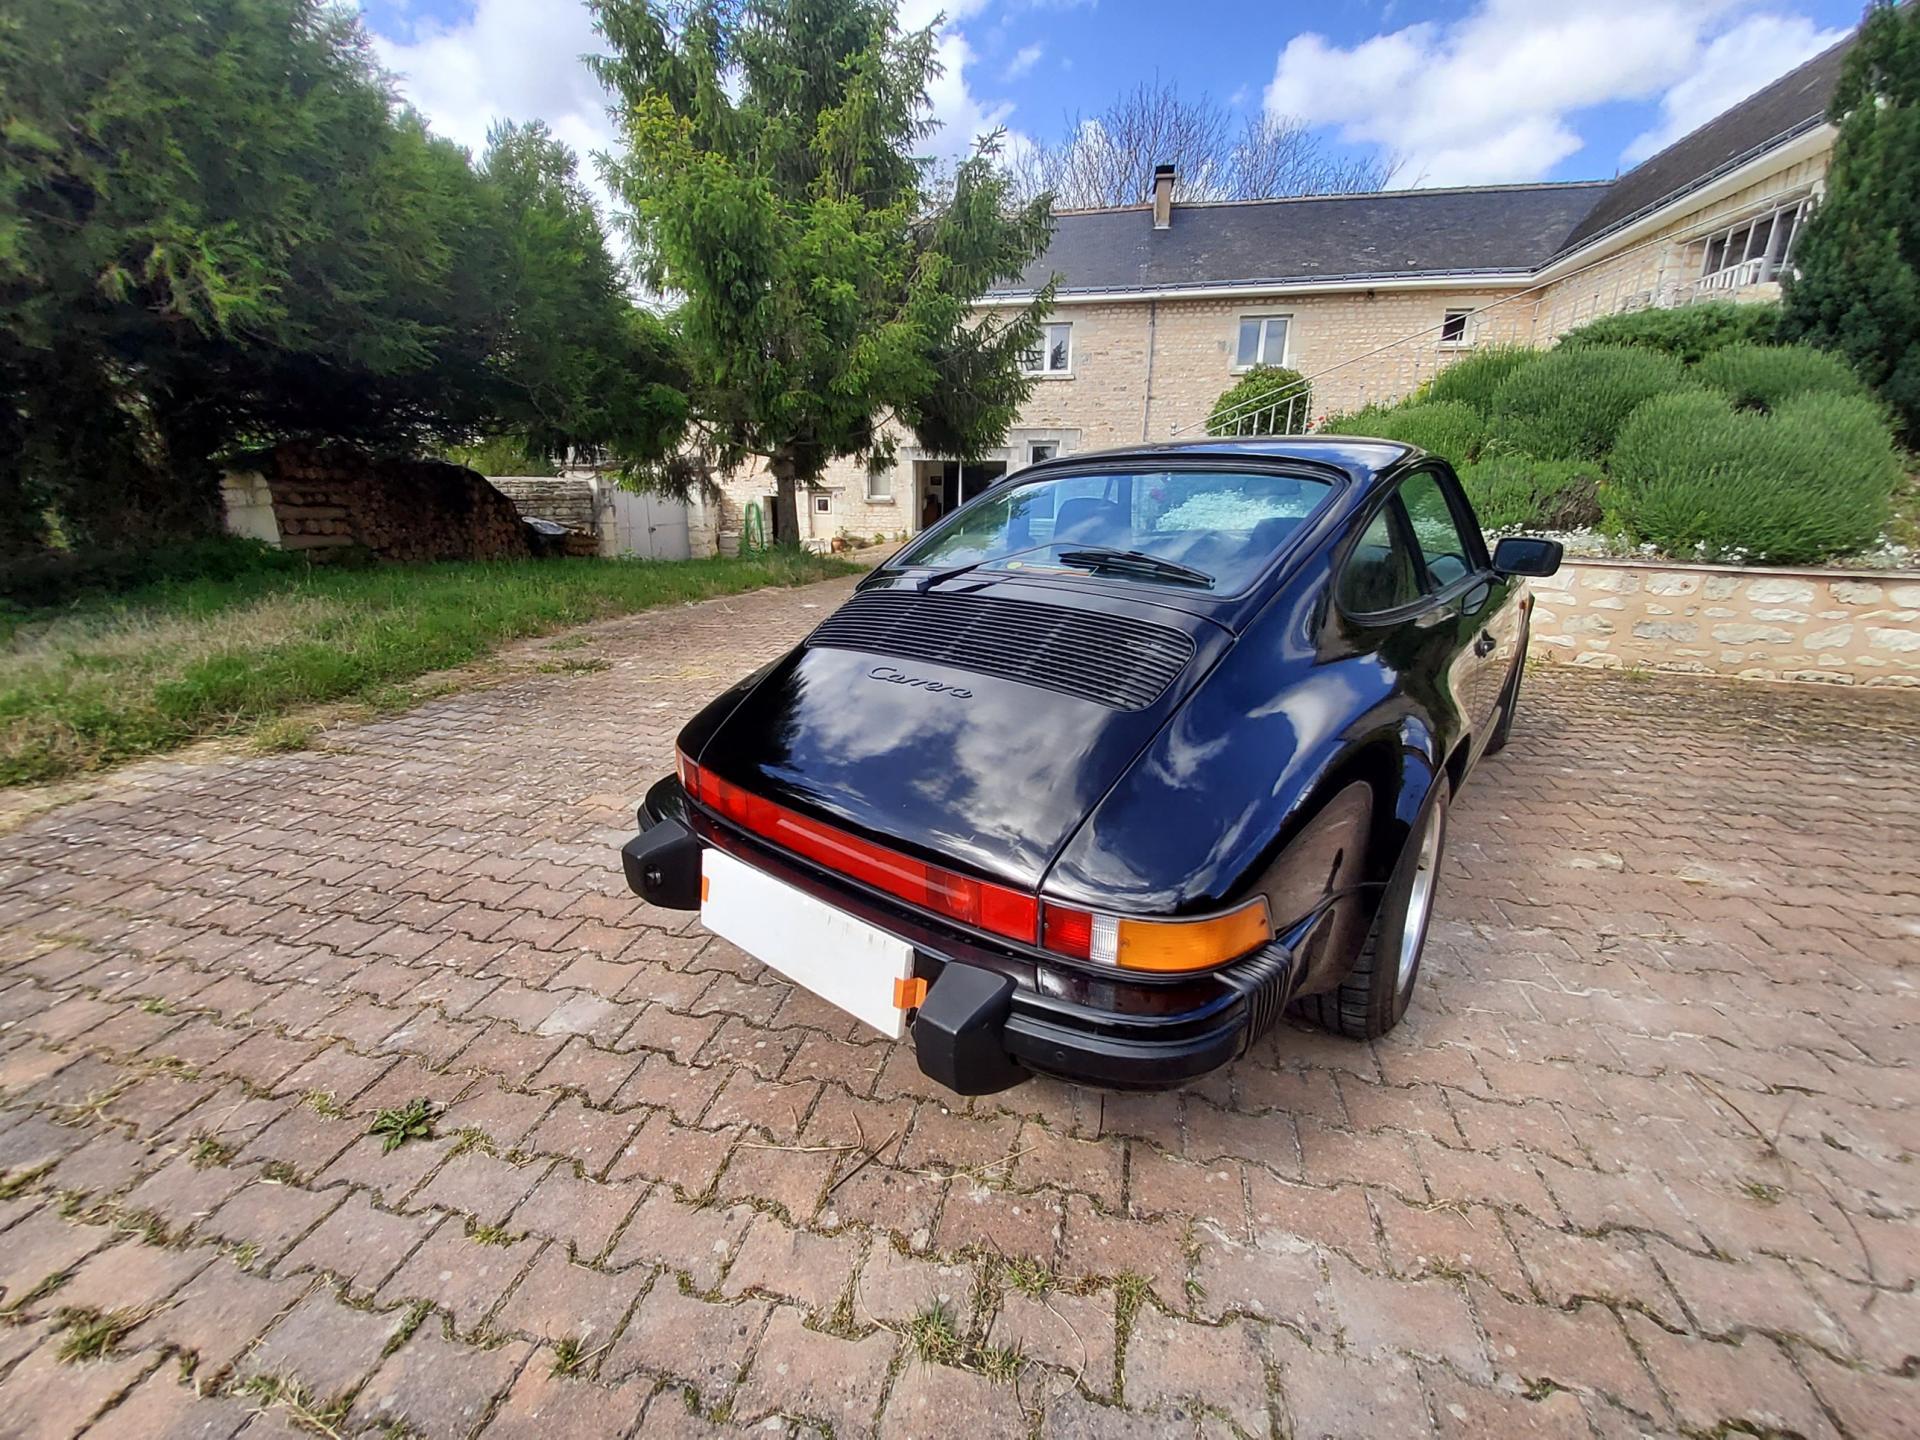 Porsche 911 Carrera 3.2 Cabriolet 915 (Porsche 911 caisses G (1974-1989))